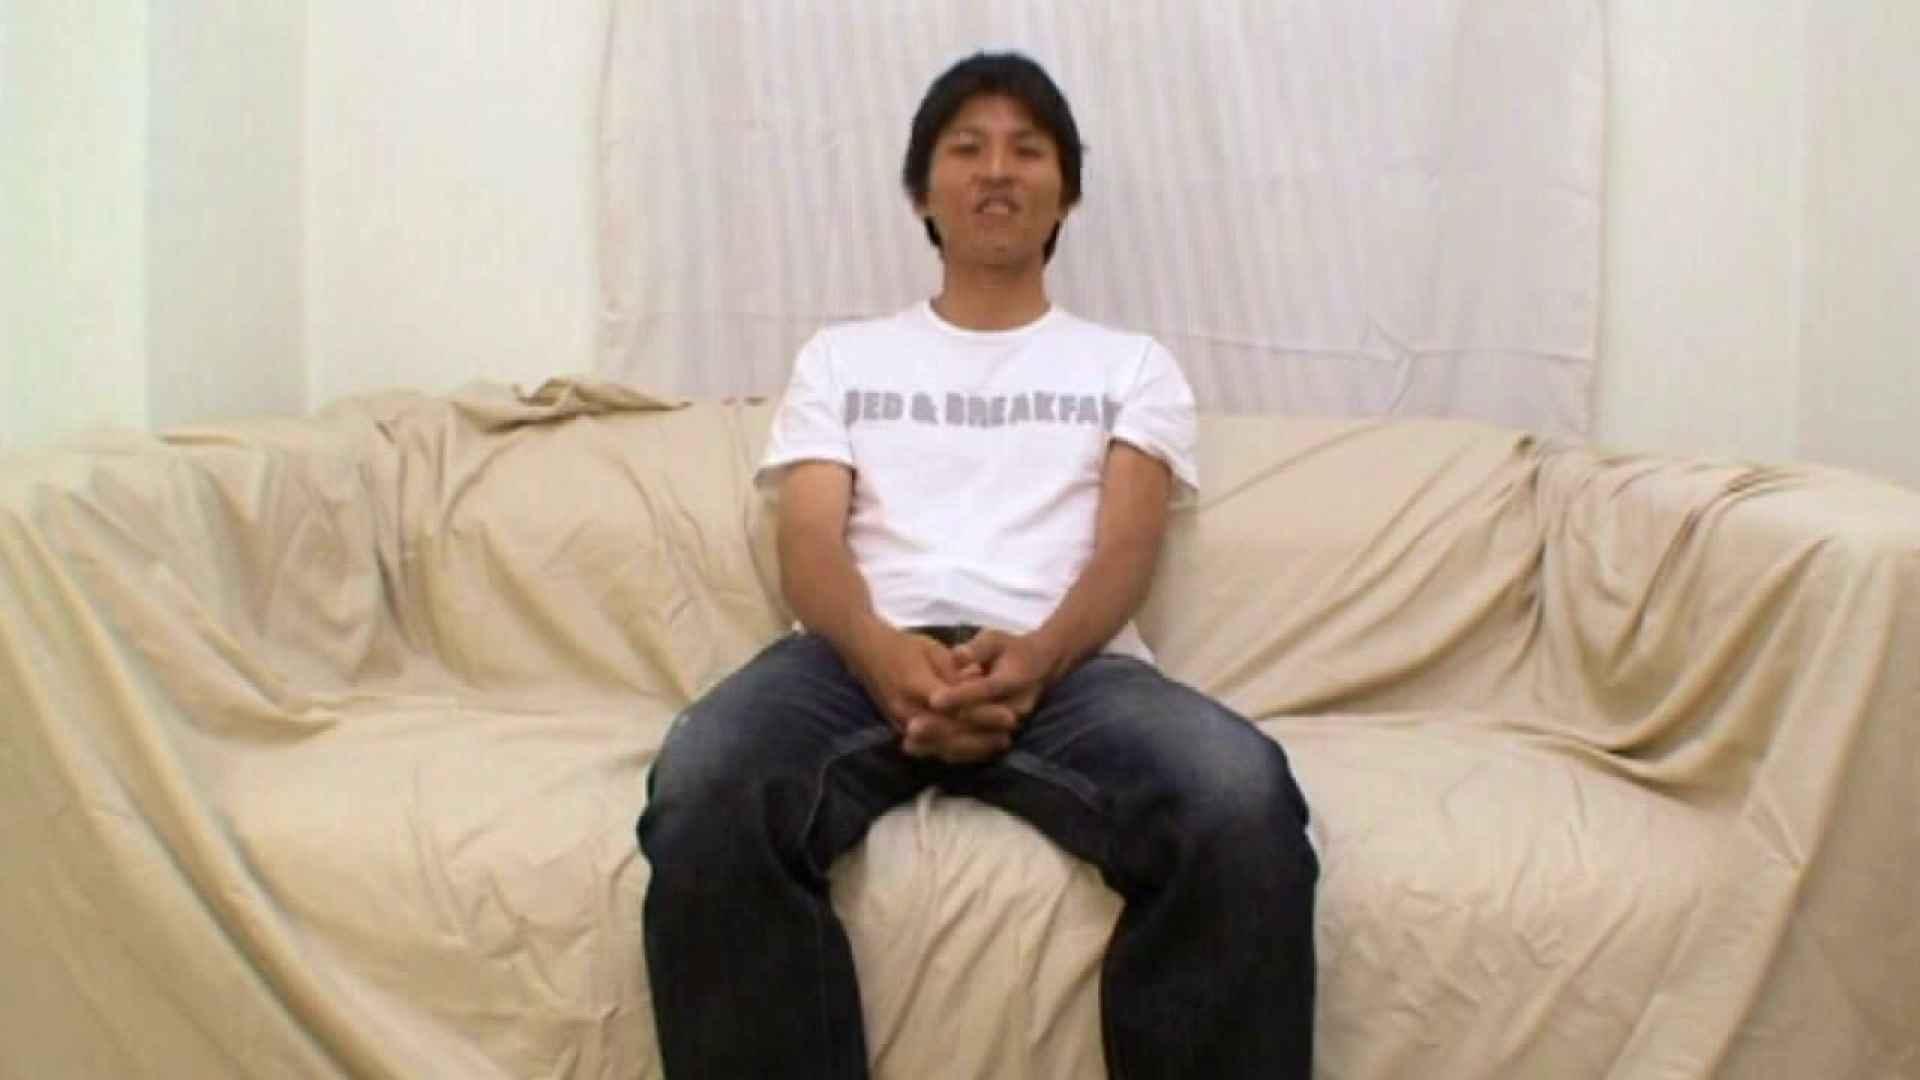 イケメンズエステティック倶楽部Case.01 エロ  106pic 38